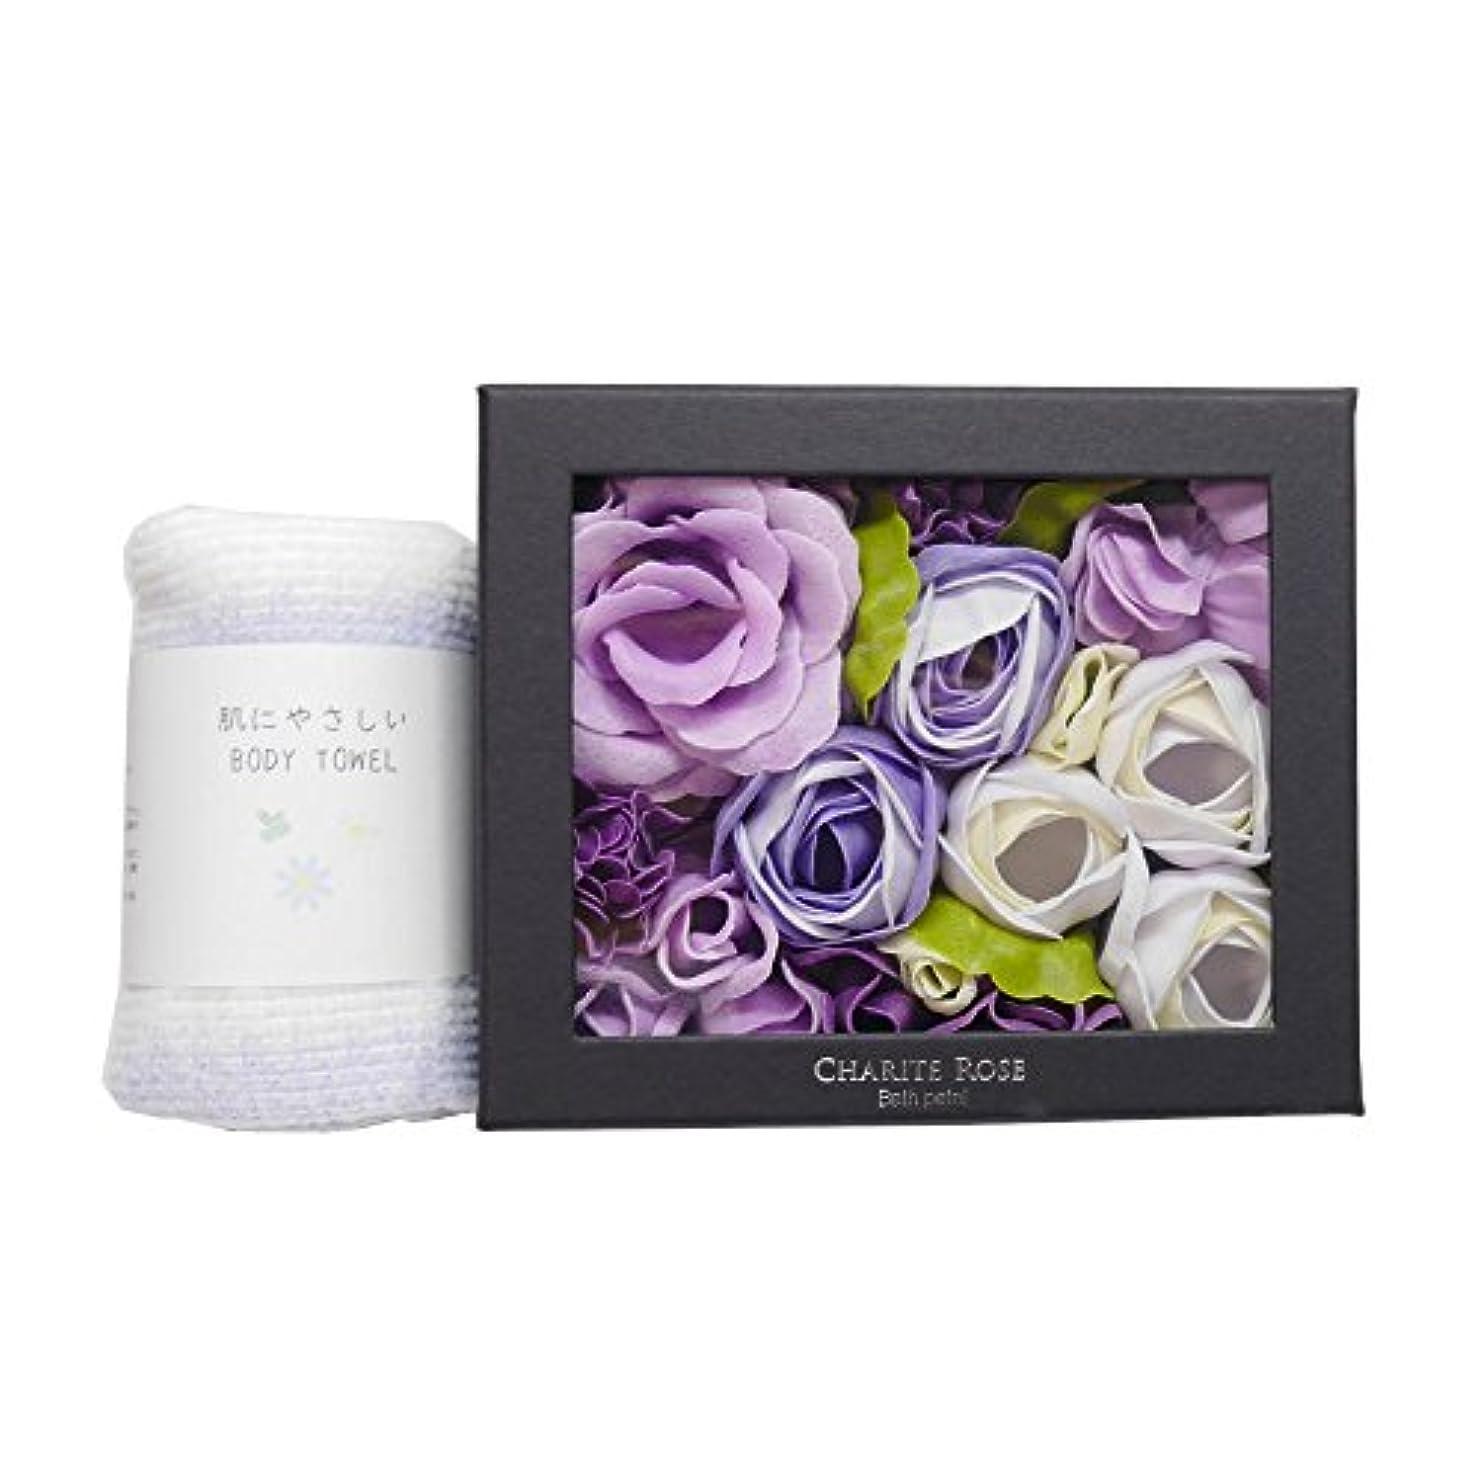 ご近所アレルギーお別れローズ バスペタル ロマンスローズ パープル 紫 ボディタオル セット/バラ お花 入浴剤 母の日 お祝い 記念日 贈り物 プレゼント